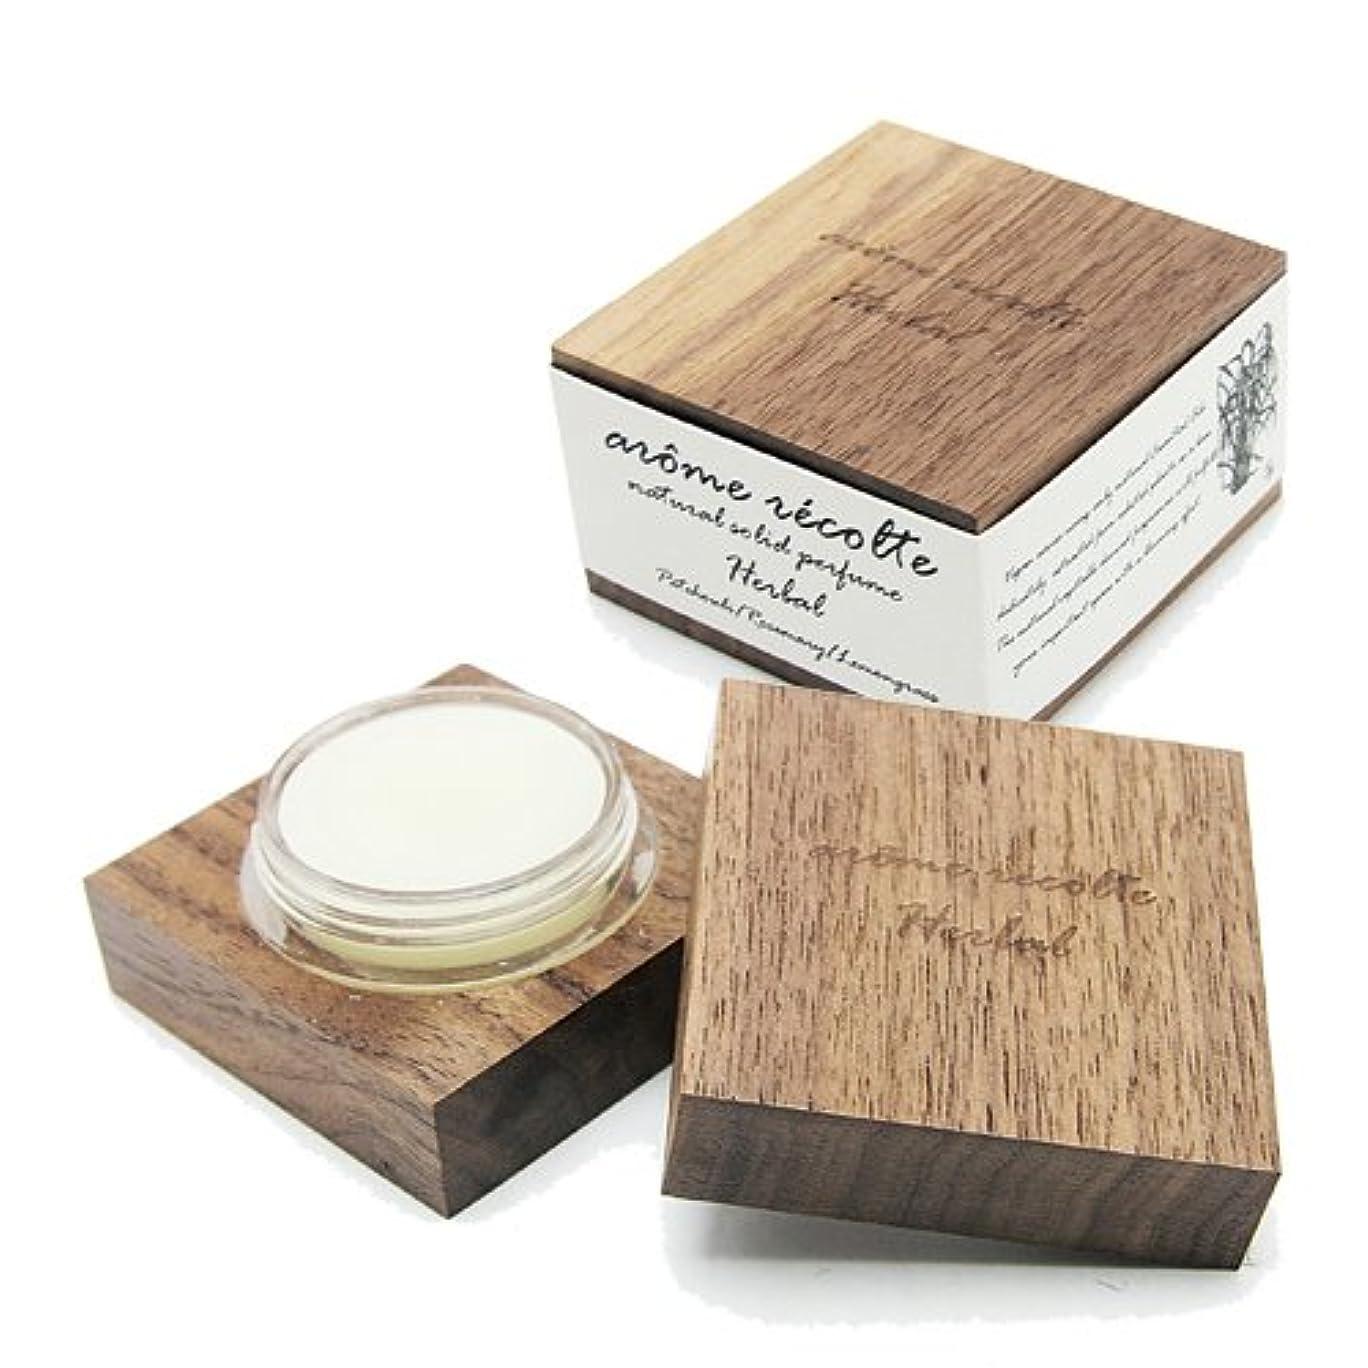 状ことわざアーサーコナンドイルアロマレコルト ナチュラル ソリッドパフューム ハーバル Herbal arome recolte 練り香水